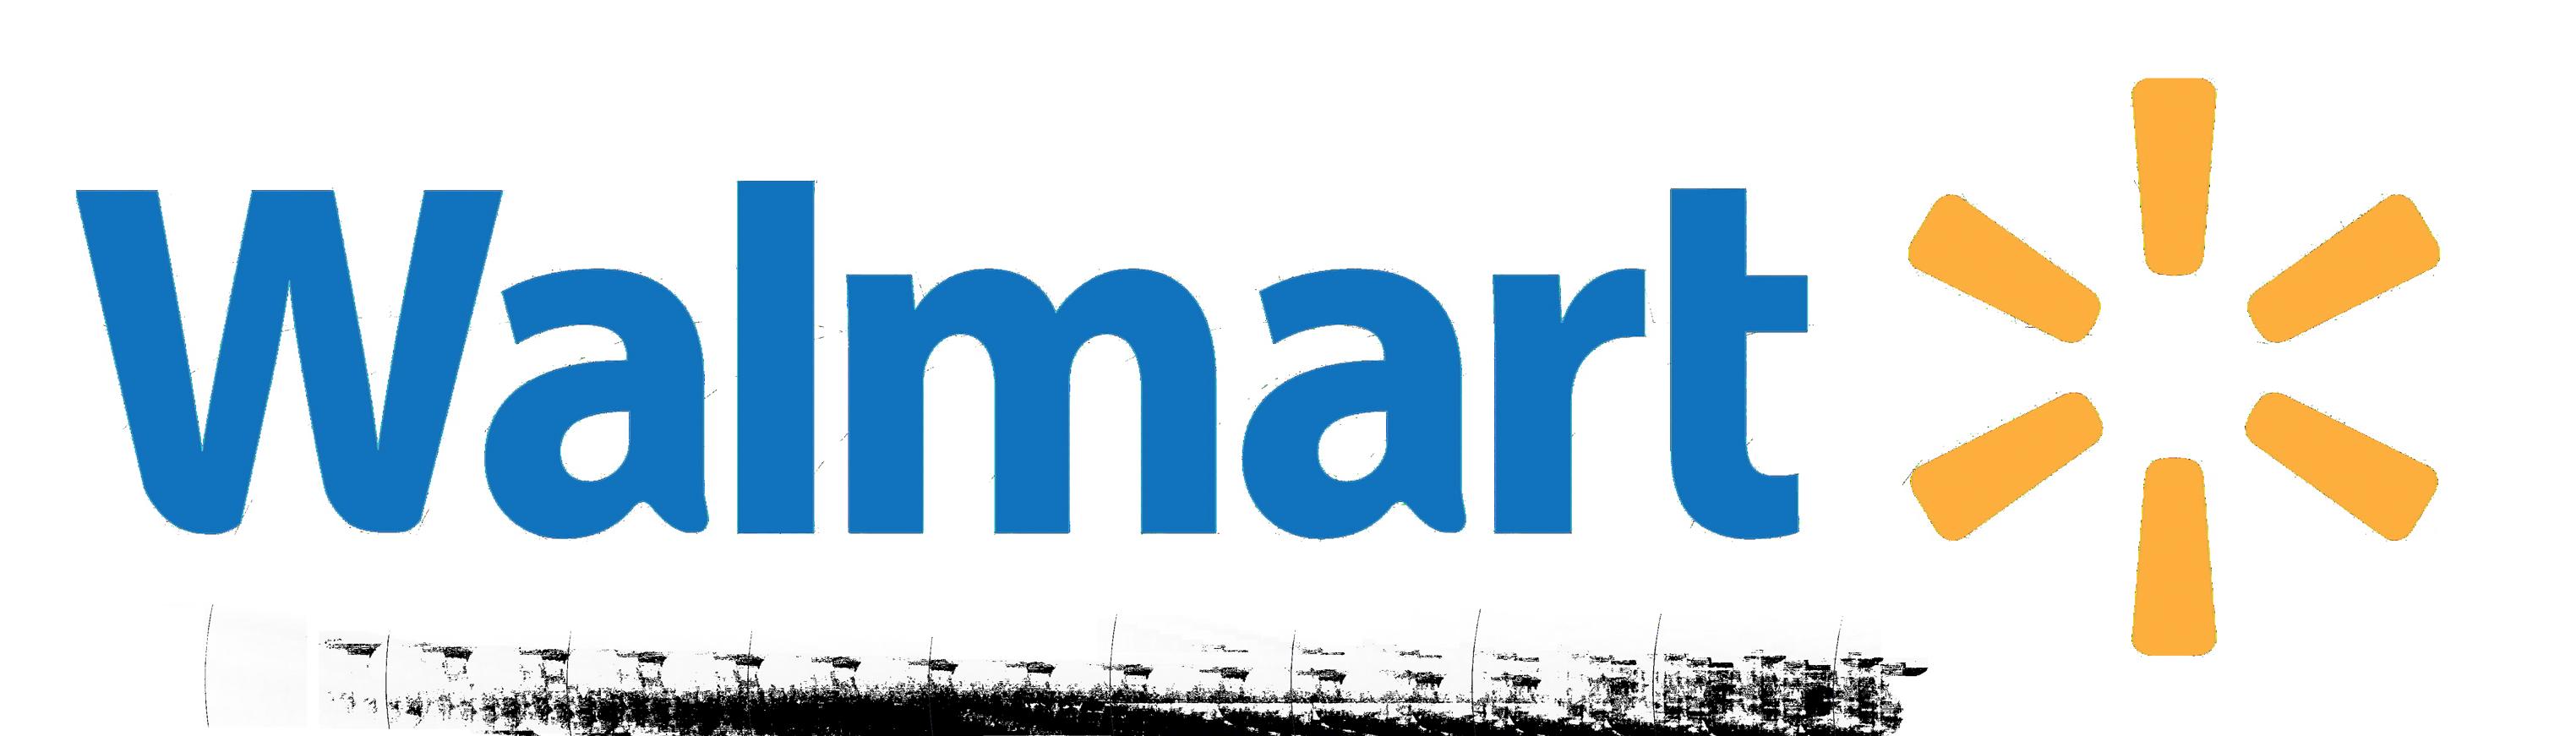 Walmart Logo PNG Image.